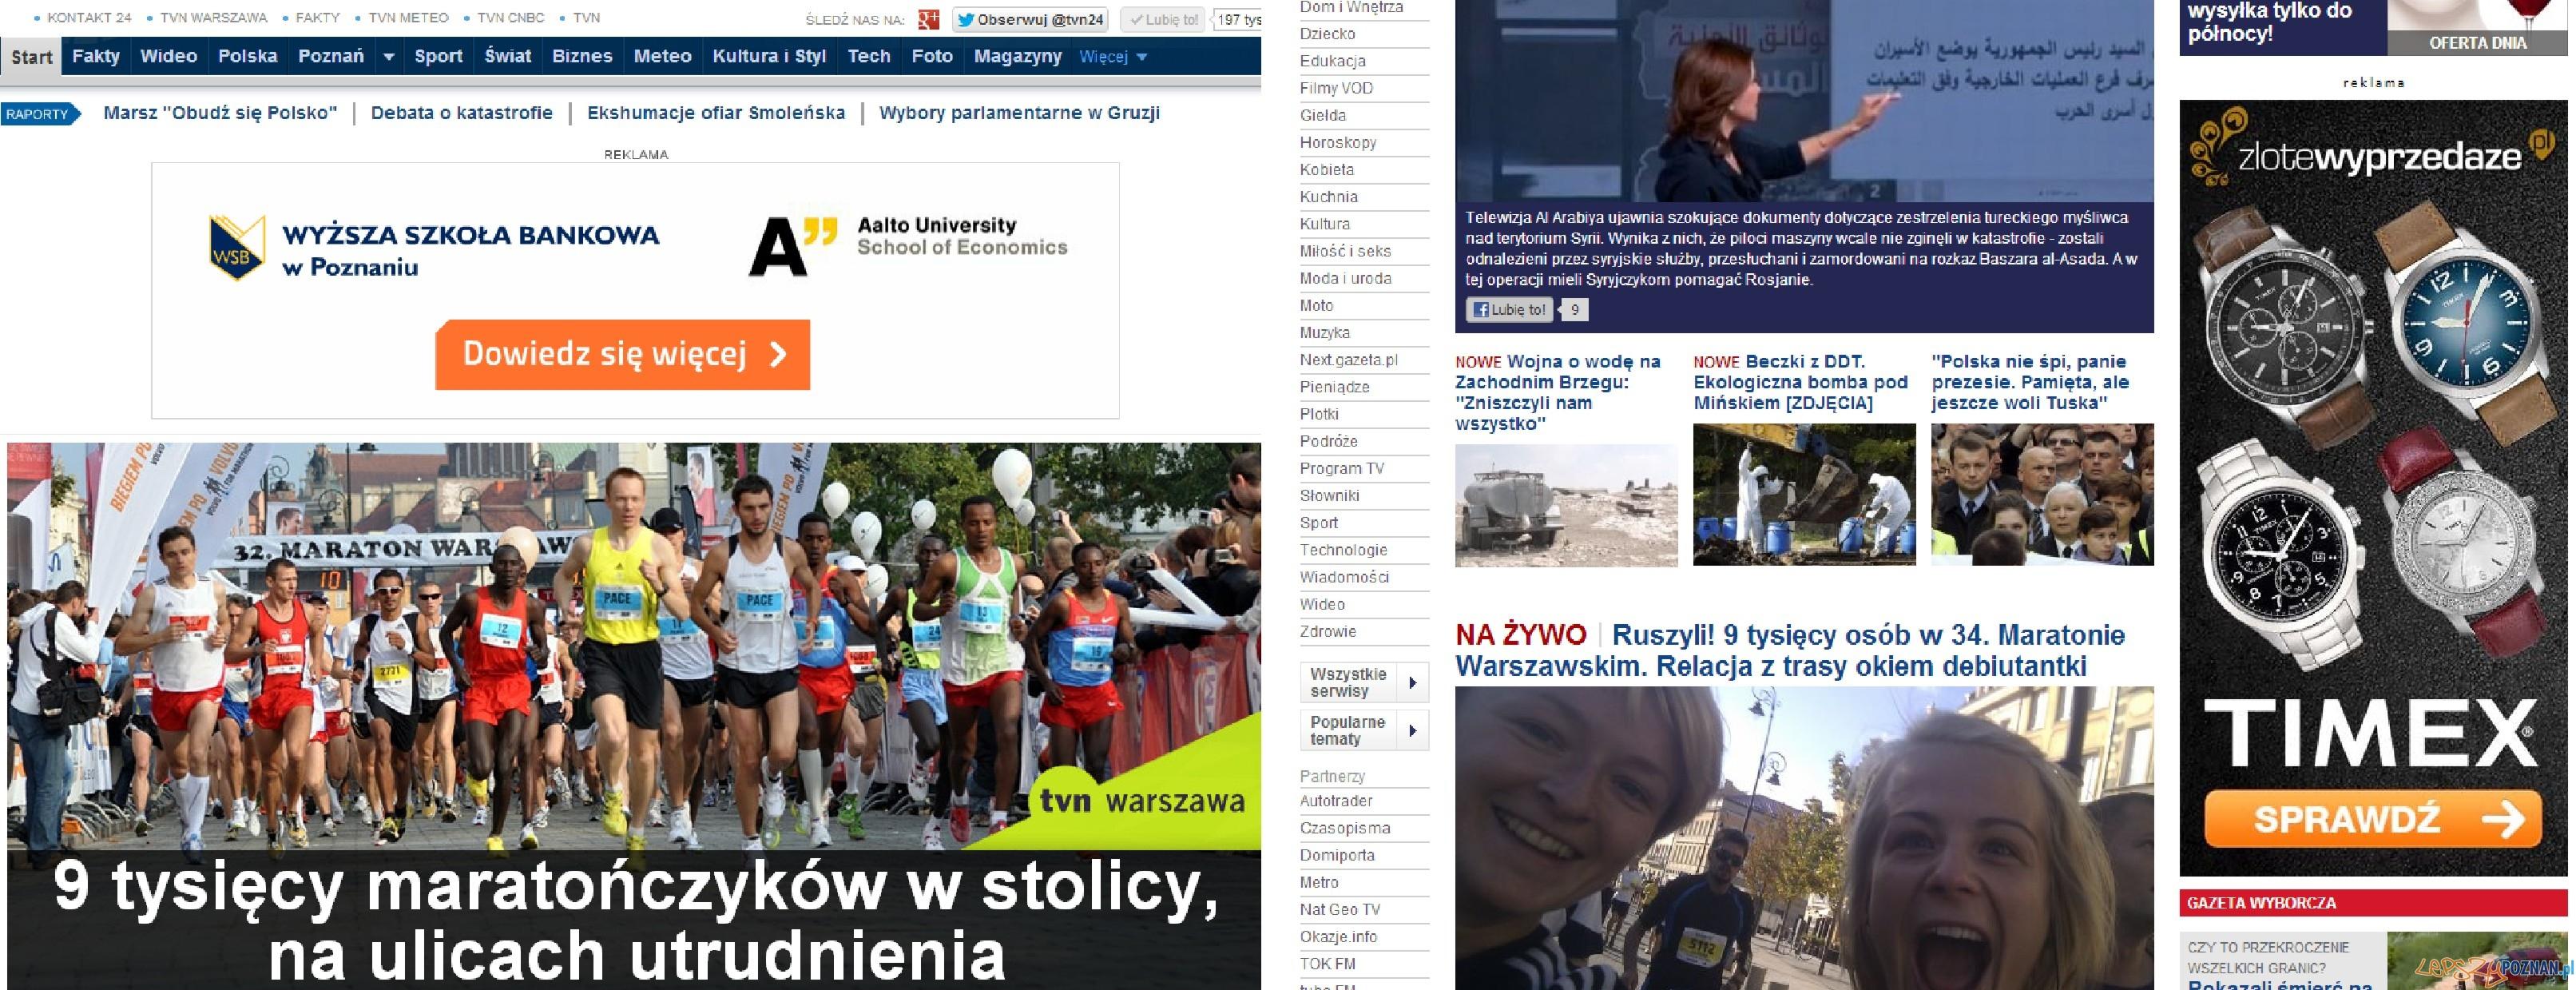 Serwisy o Maratonie Warszawskim  Foto: Serwisy o Maratonie Warszawskim